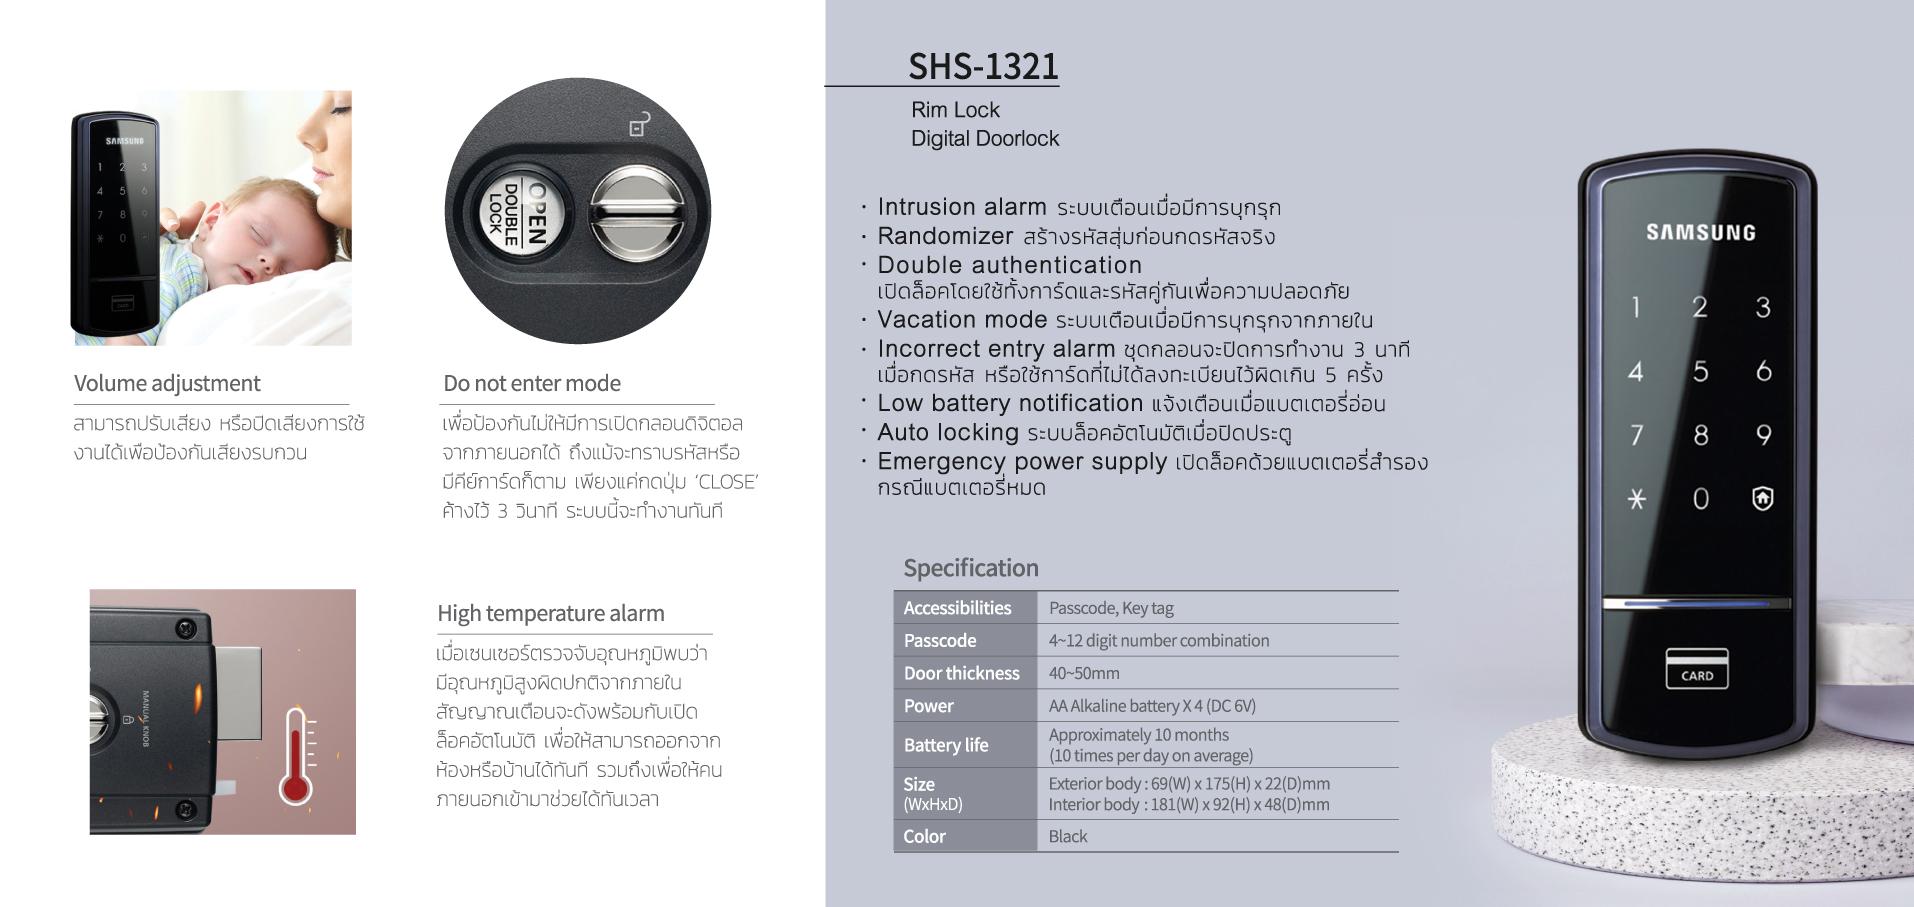 Rim Lock Samsung Smart Lock SHS-1321